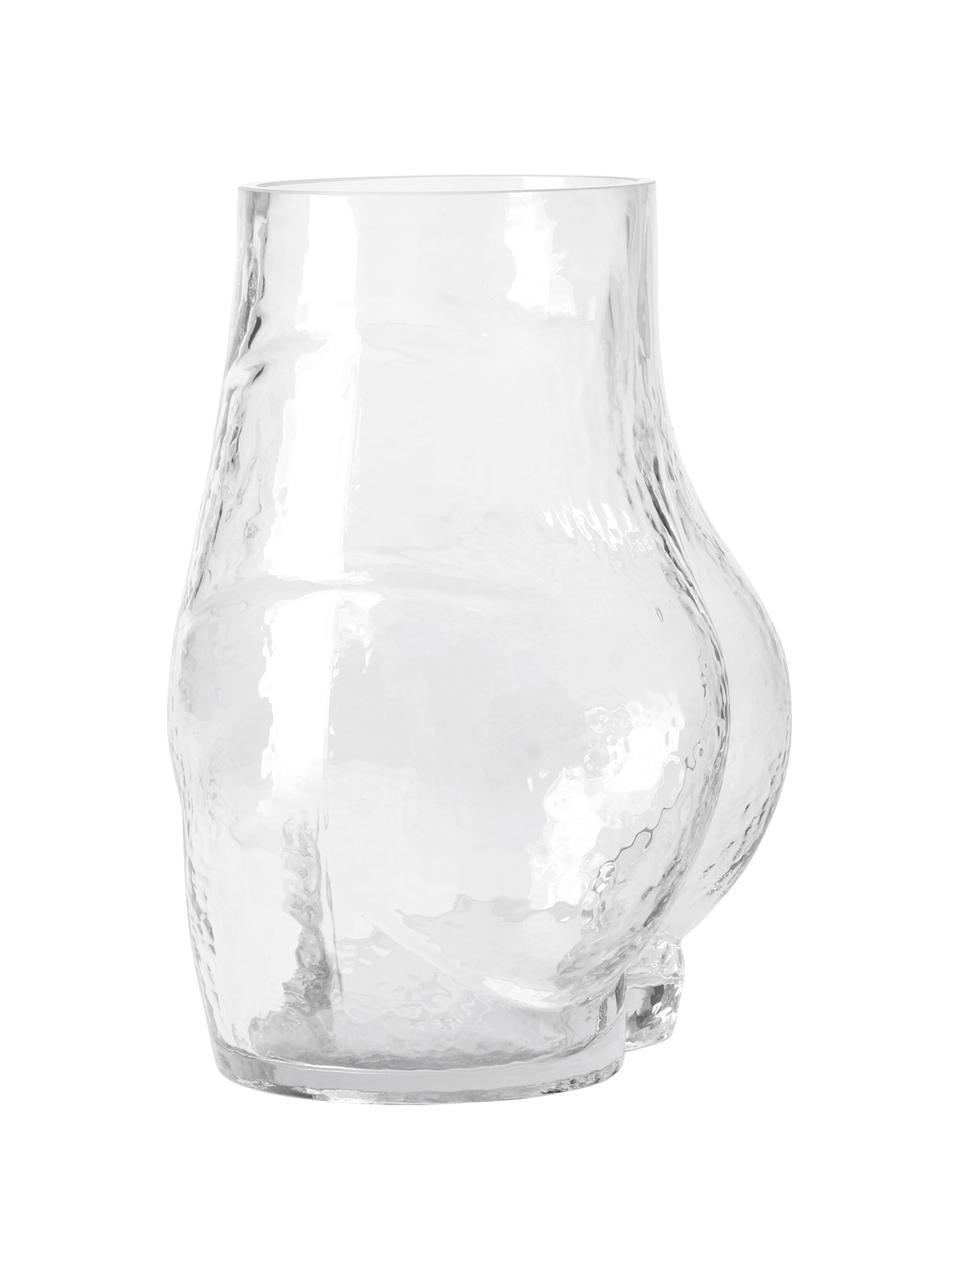 Glas-Vase Peach, Glas, Transparent, 20 x 23 cm